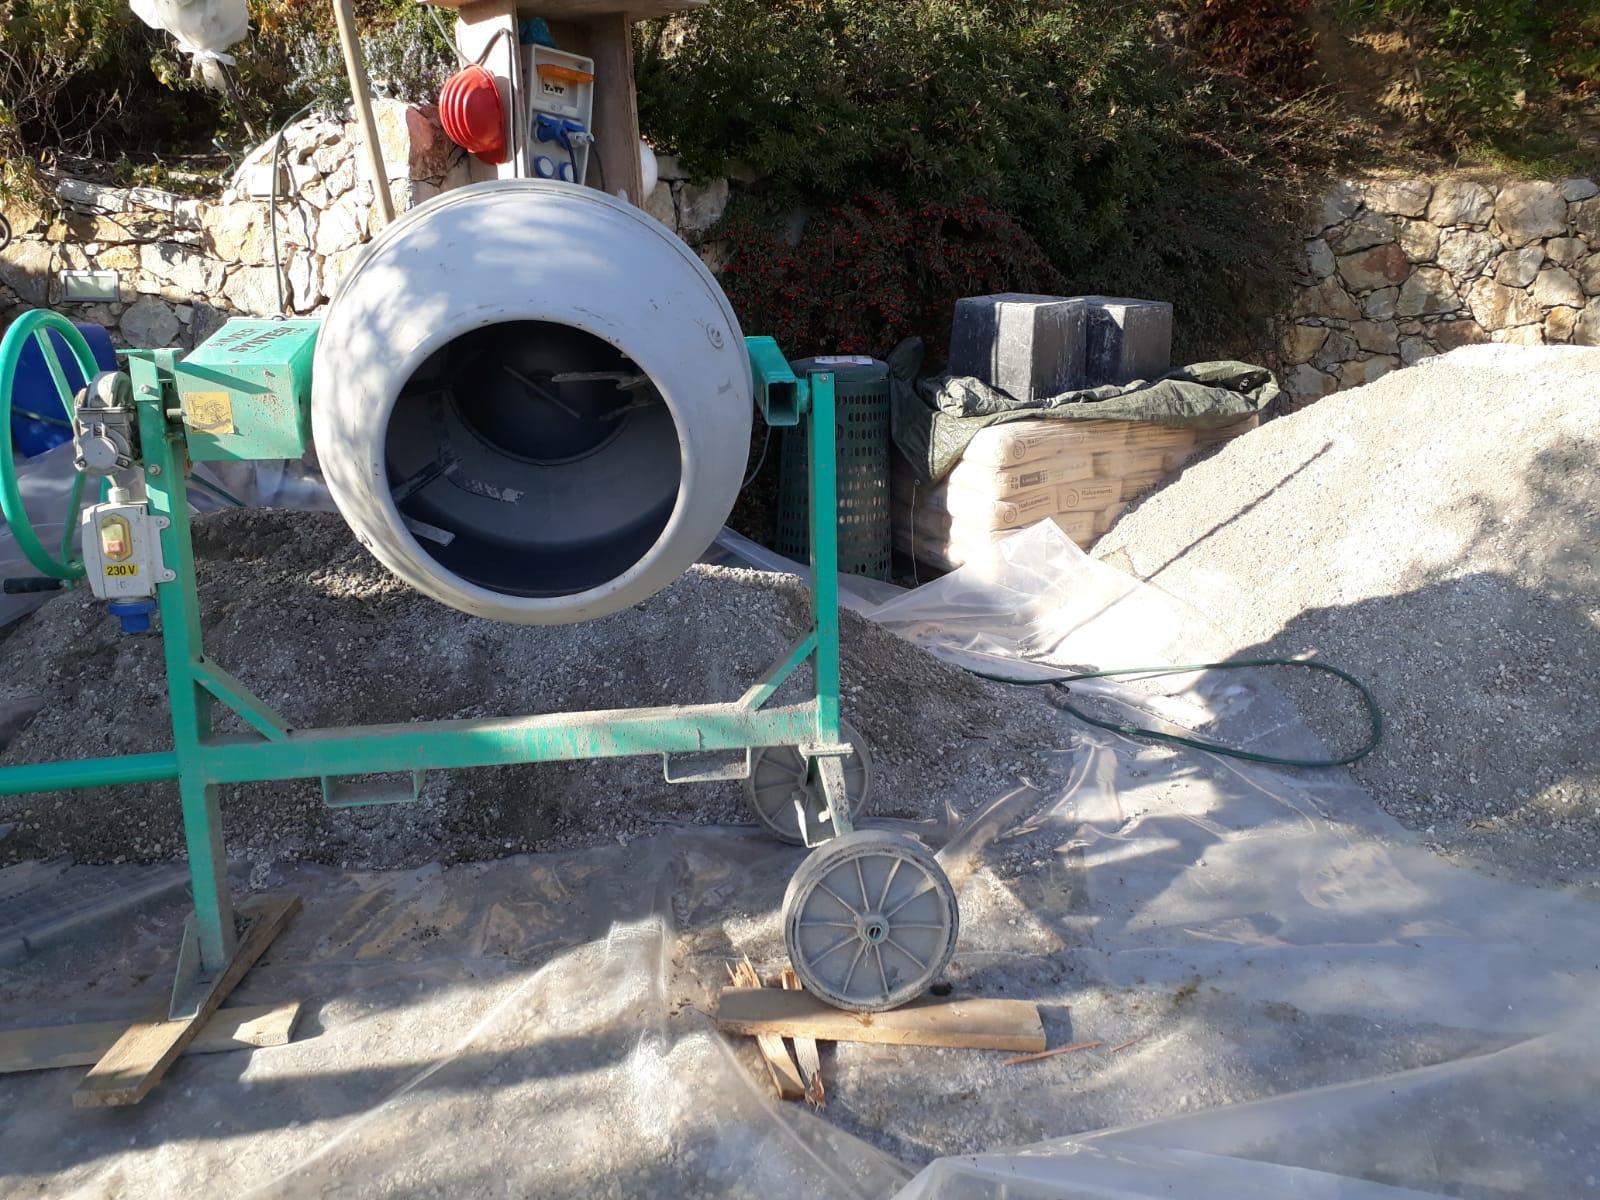 10. Allestimento cantiere con predisposizione di betoniera per l'impasto e la miscela del getto in cls: lavori in corso.